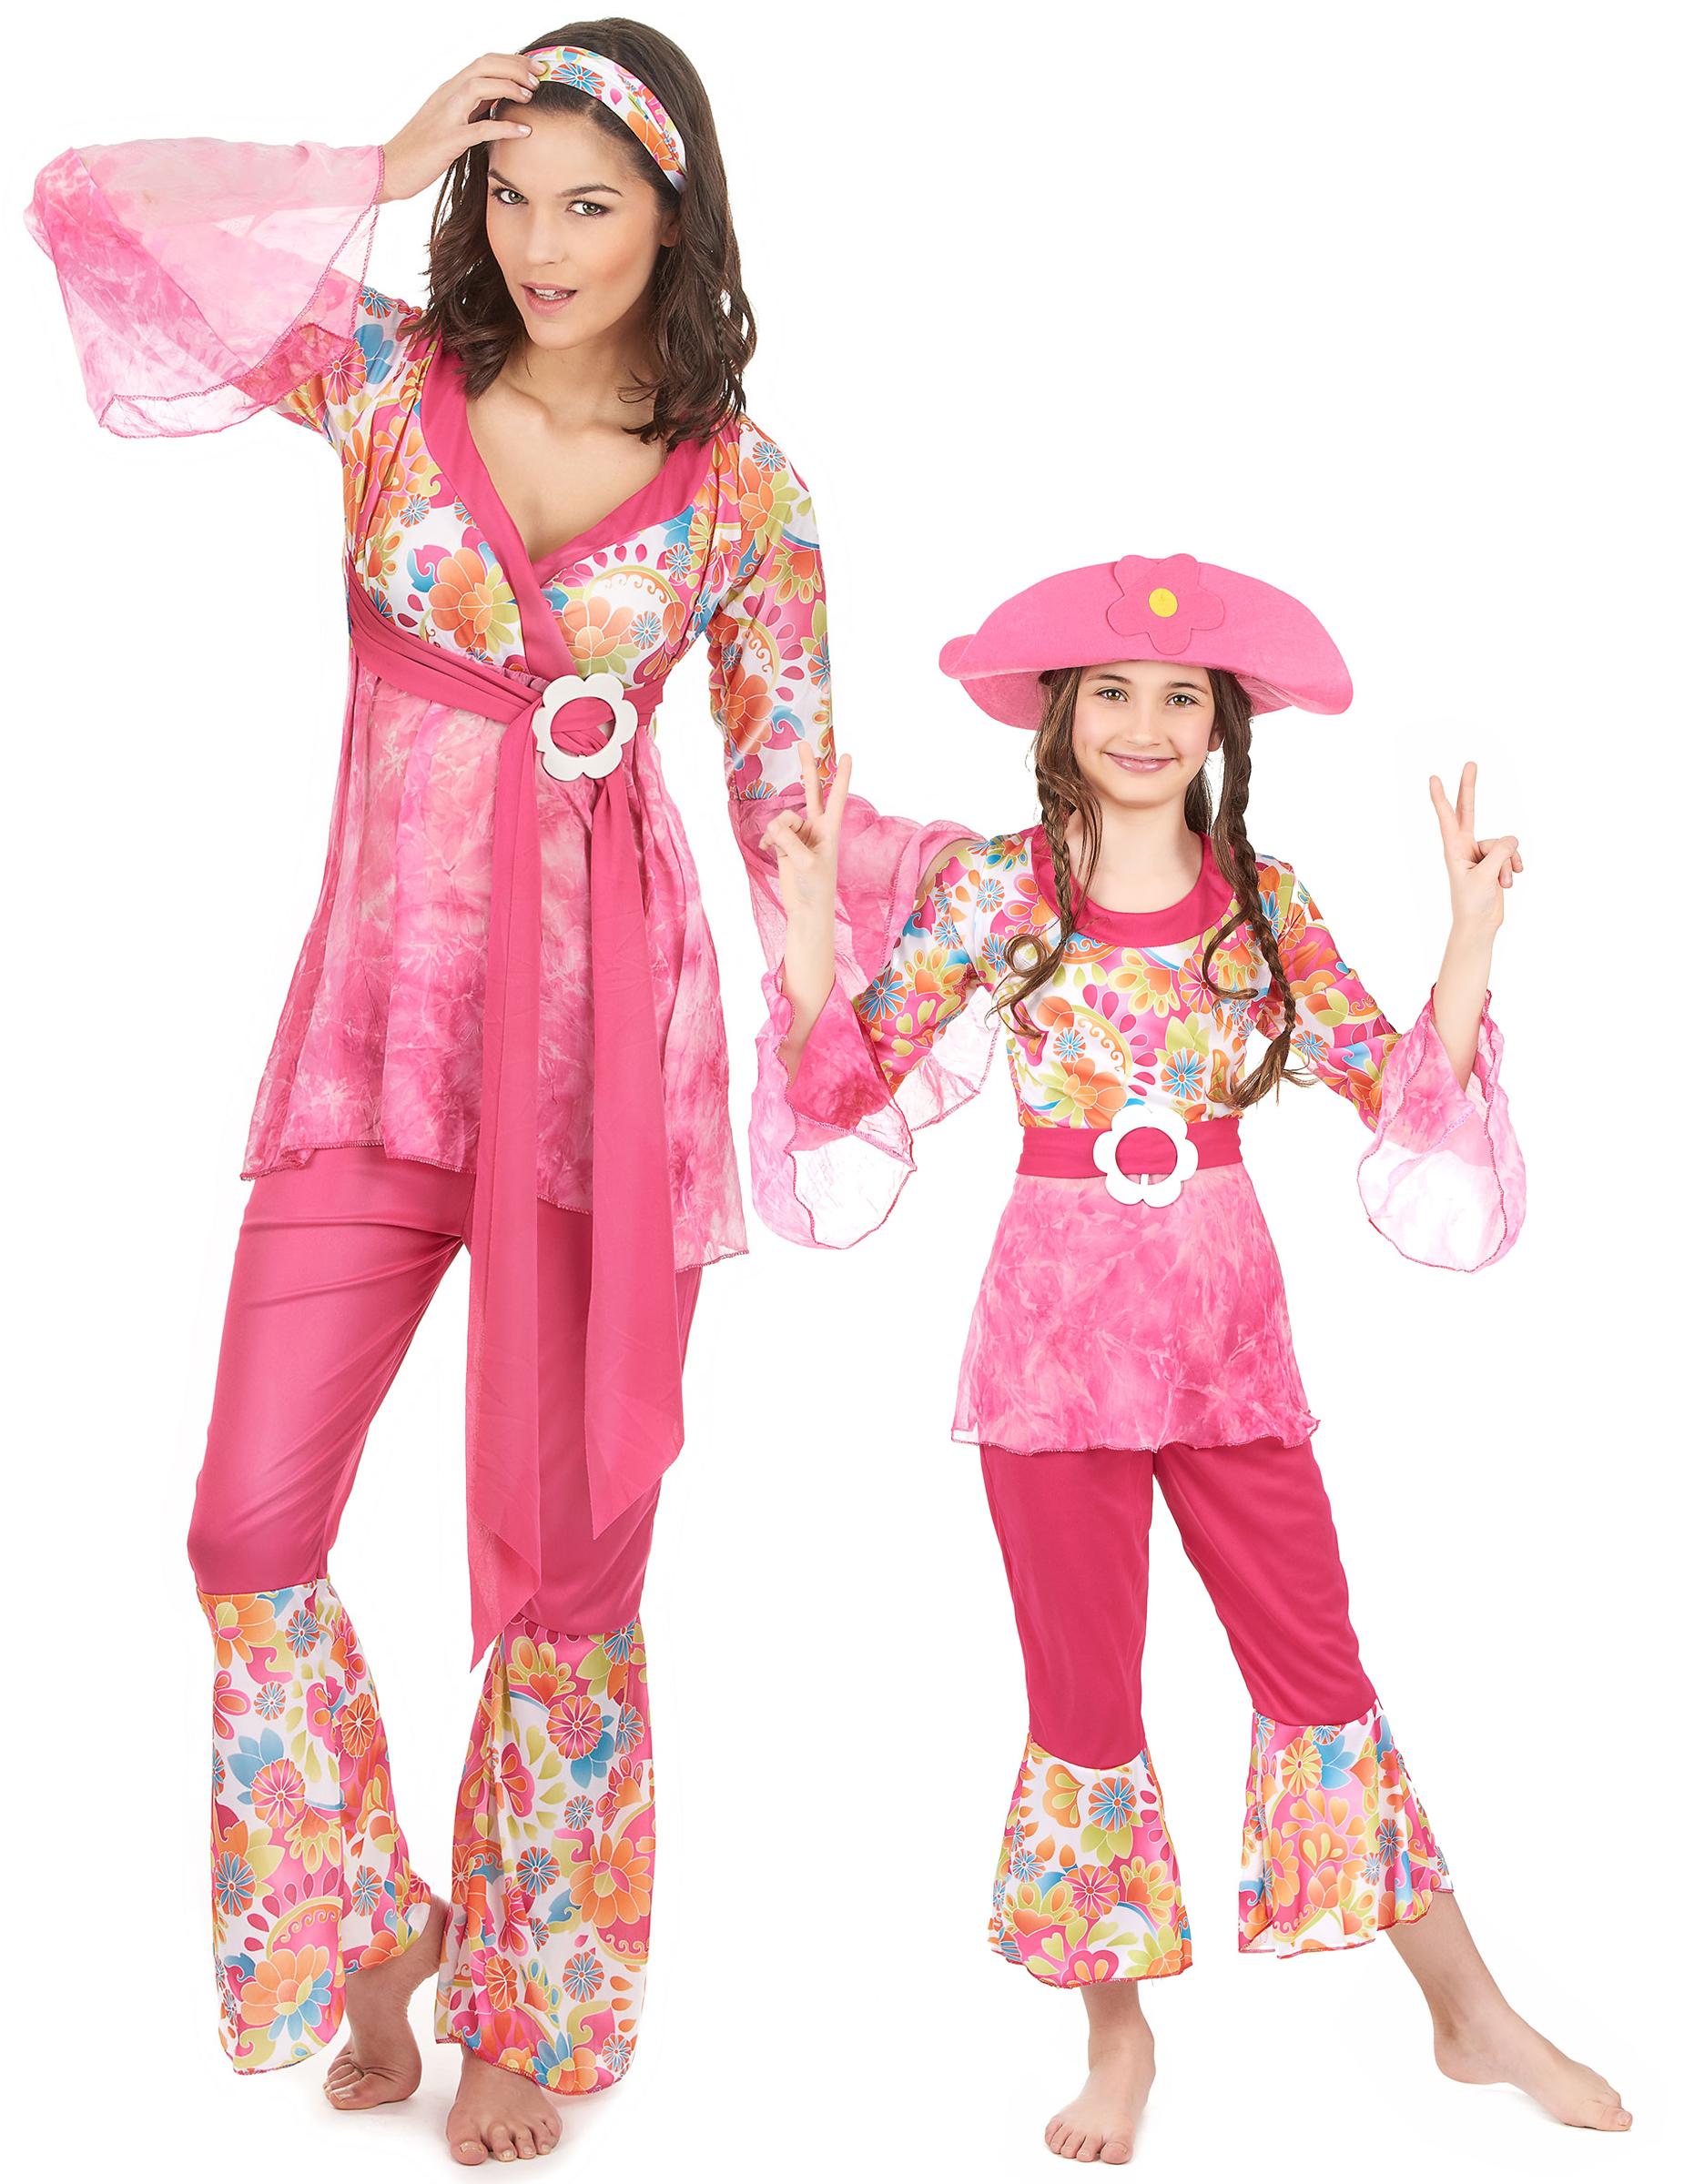 disfraz de pareja hippie rosa disfraces parejas y disfraces originales baratos vegaoo. Black Bedroom Furniture Sets. Home Design Ideas